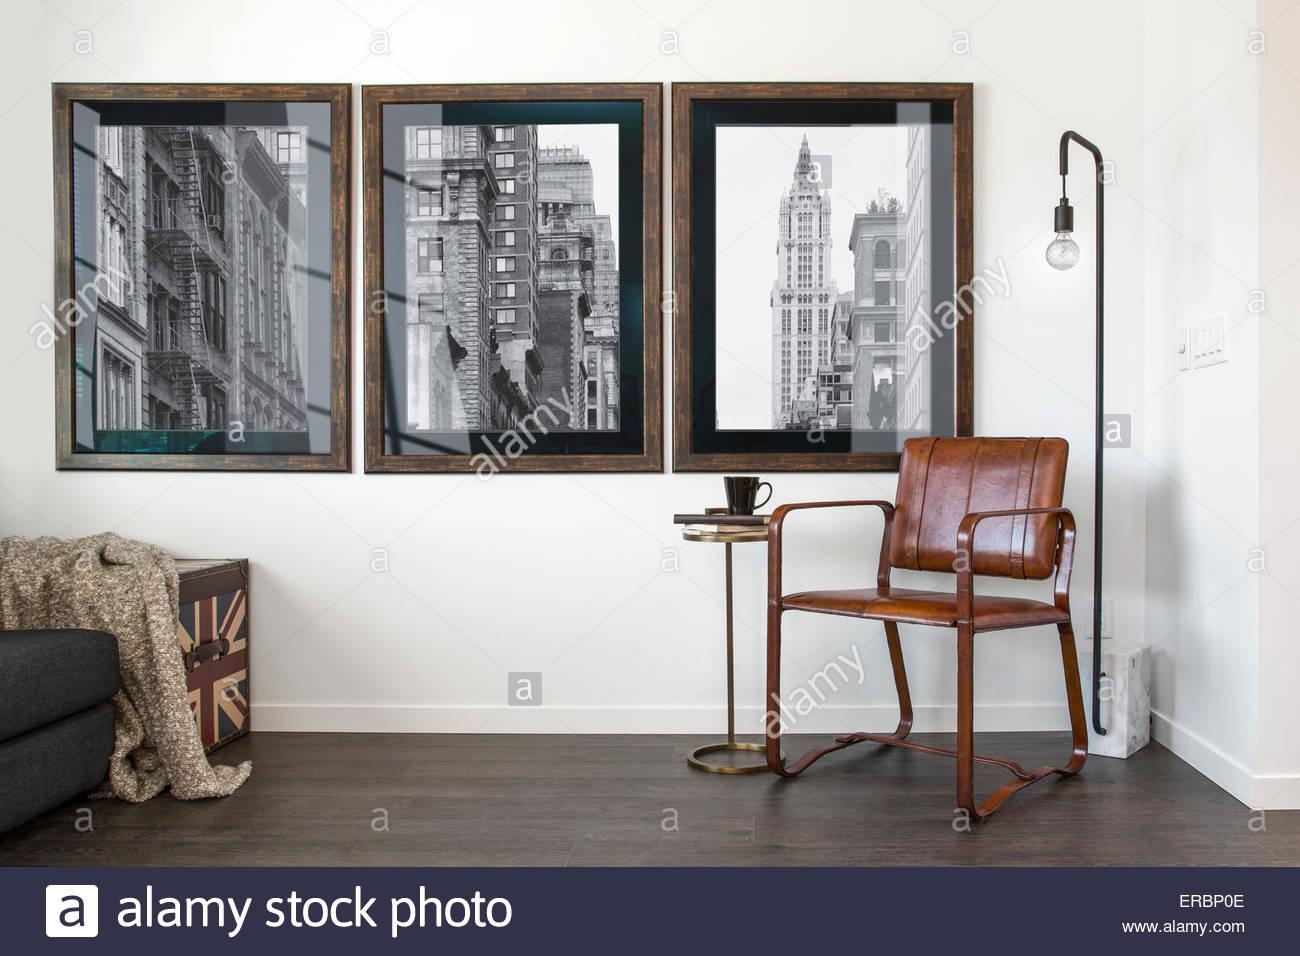 Arte Retro appeso alla parete Immagini Stock